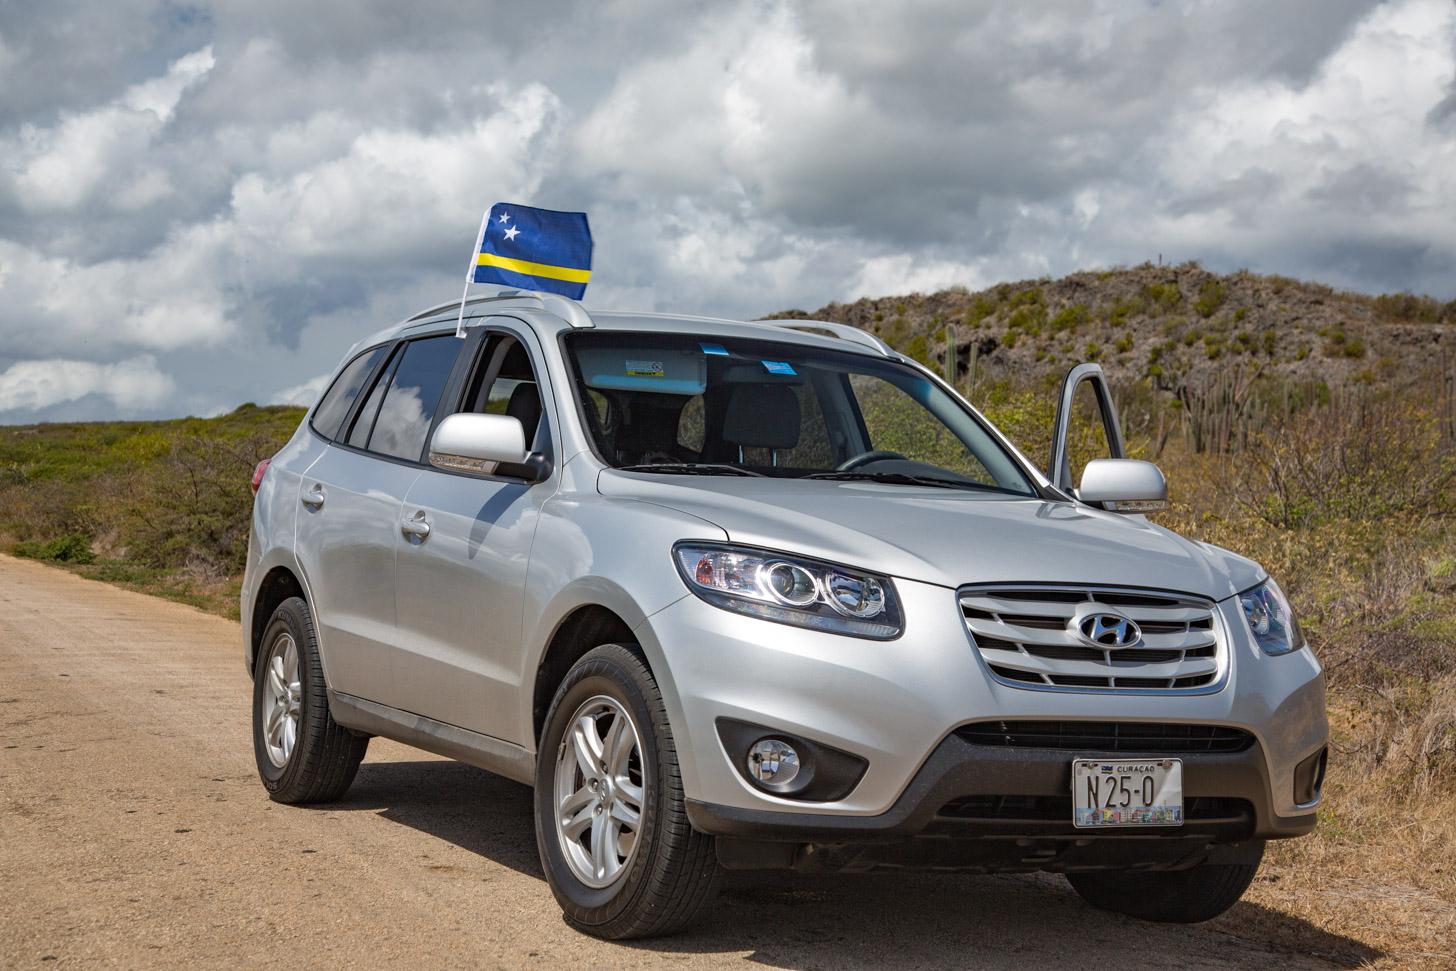 Een SUV is een uitstekende huurauto om Curacao te verkennen